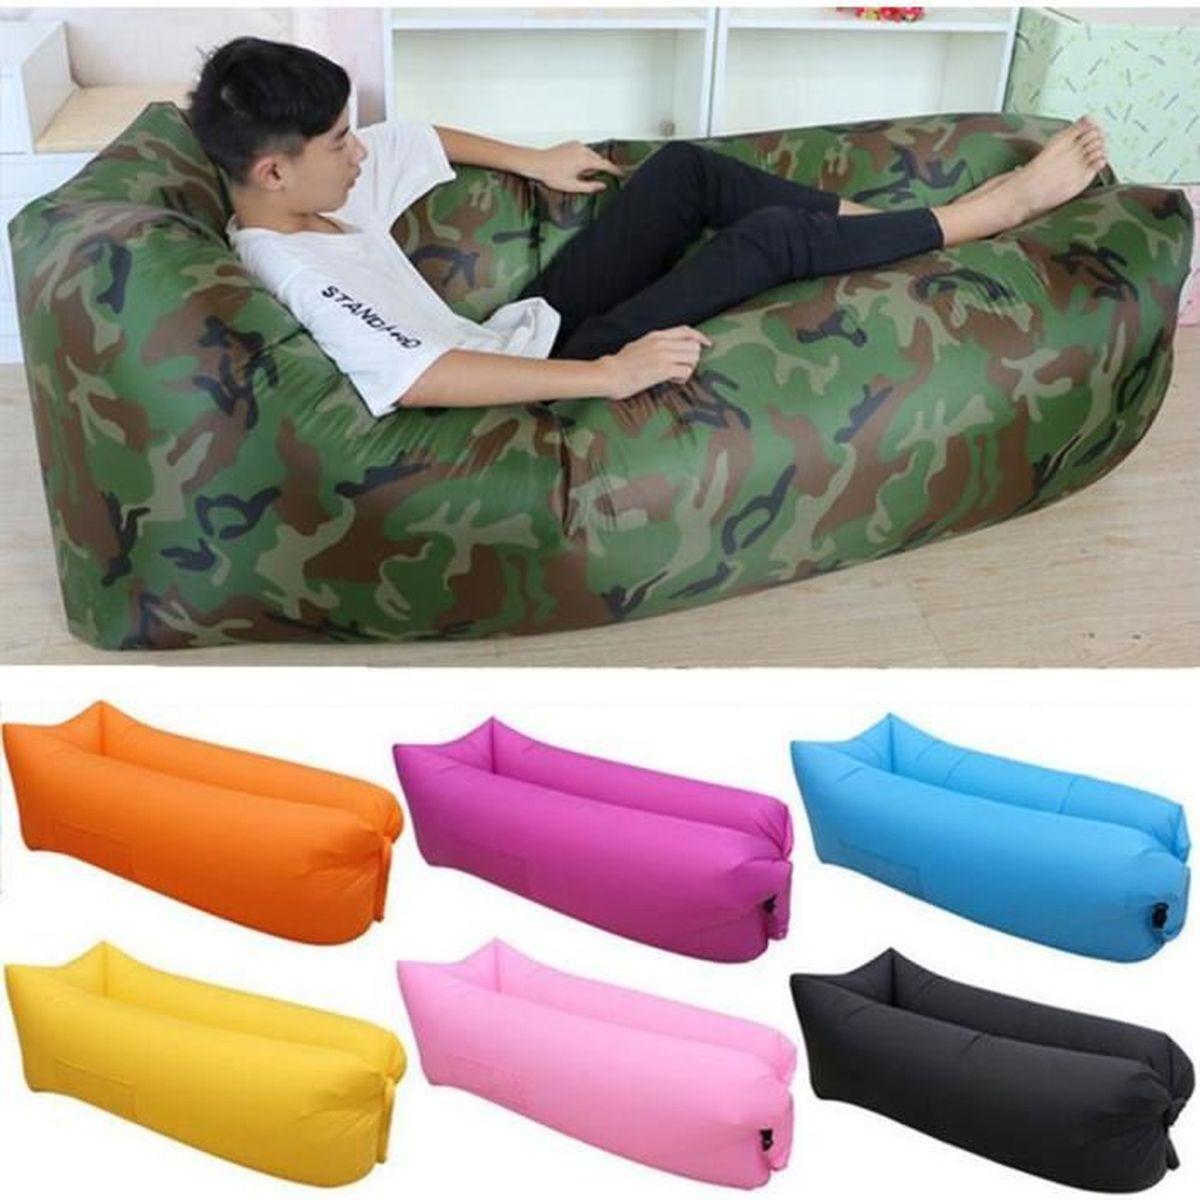 air canap gonflable chaise longue de plage portable canap matelas gonflable imperm able pour. Black Bedroom Furniture Sets. Home Design Ideas